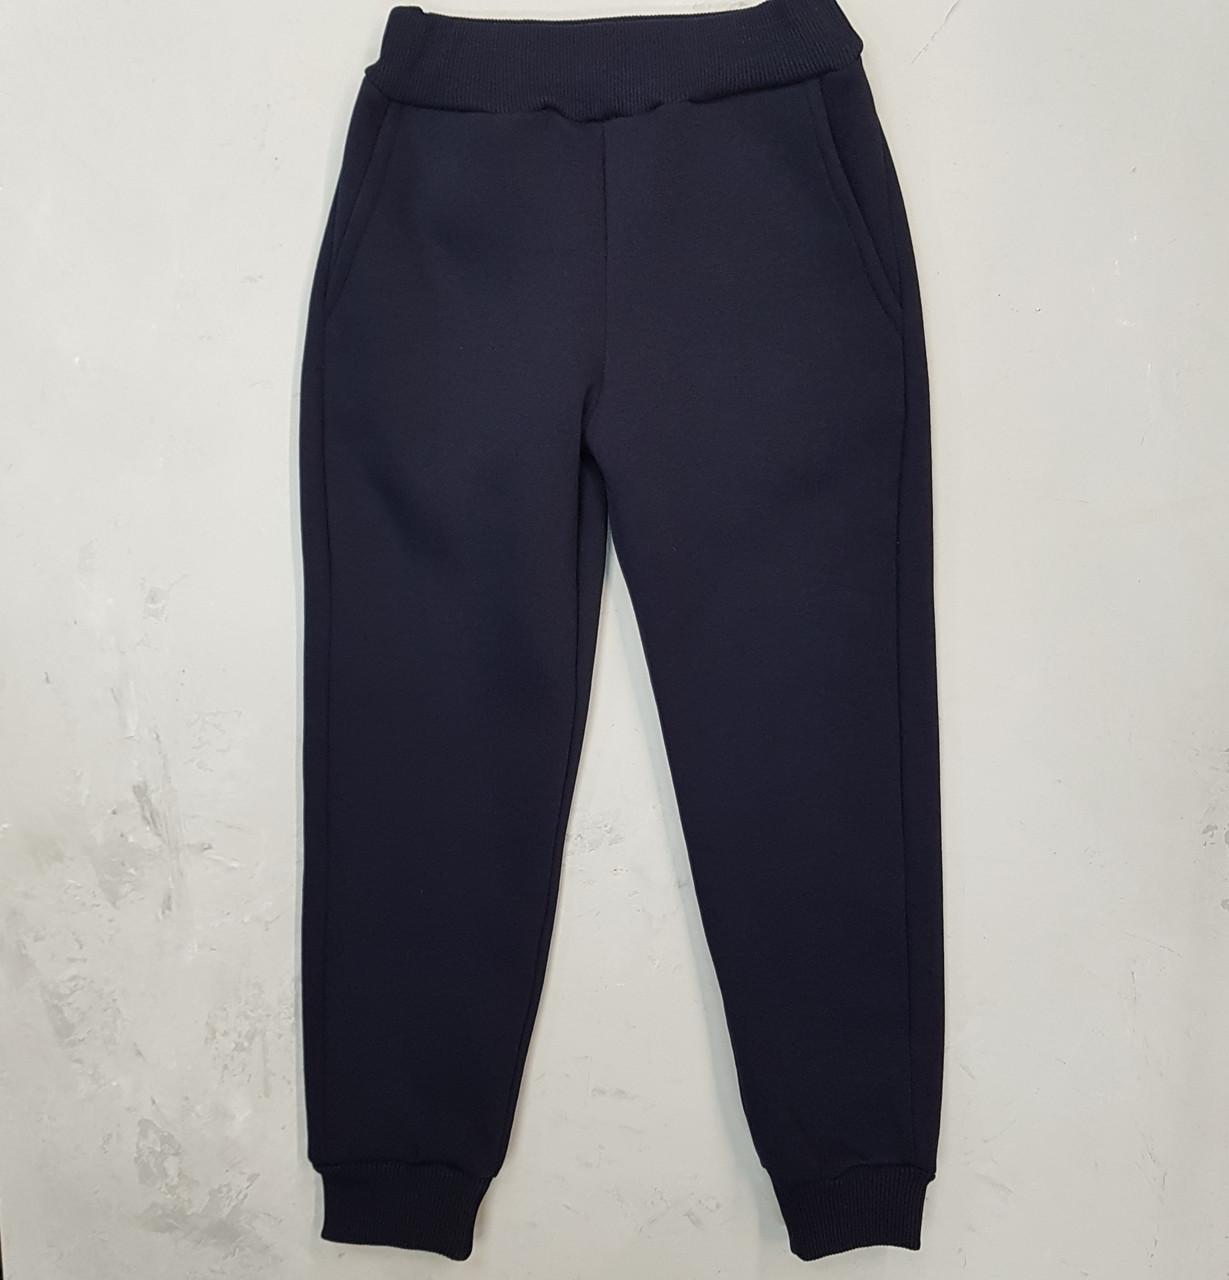 Утеплені спортивні штани для дівчинки сині